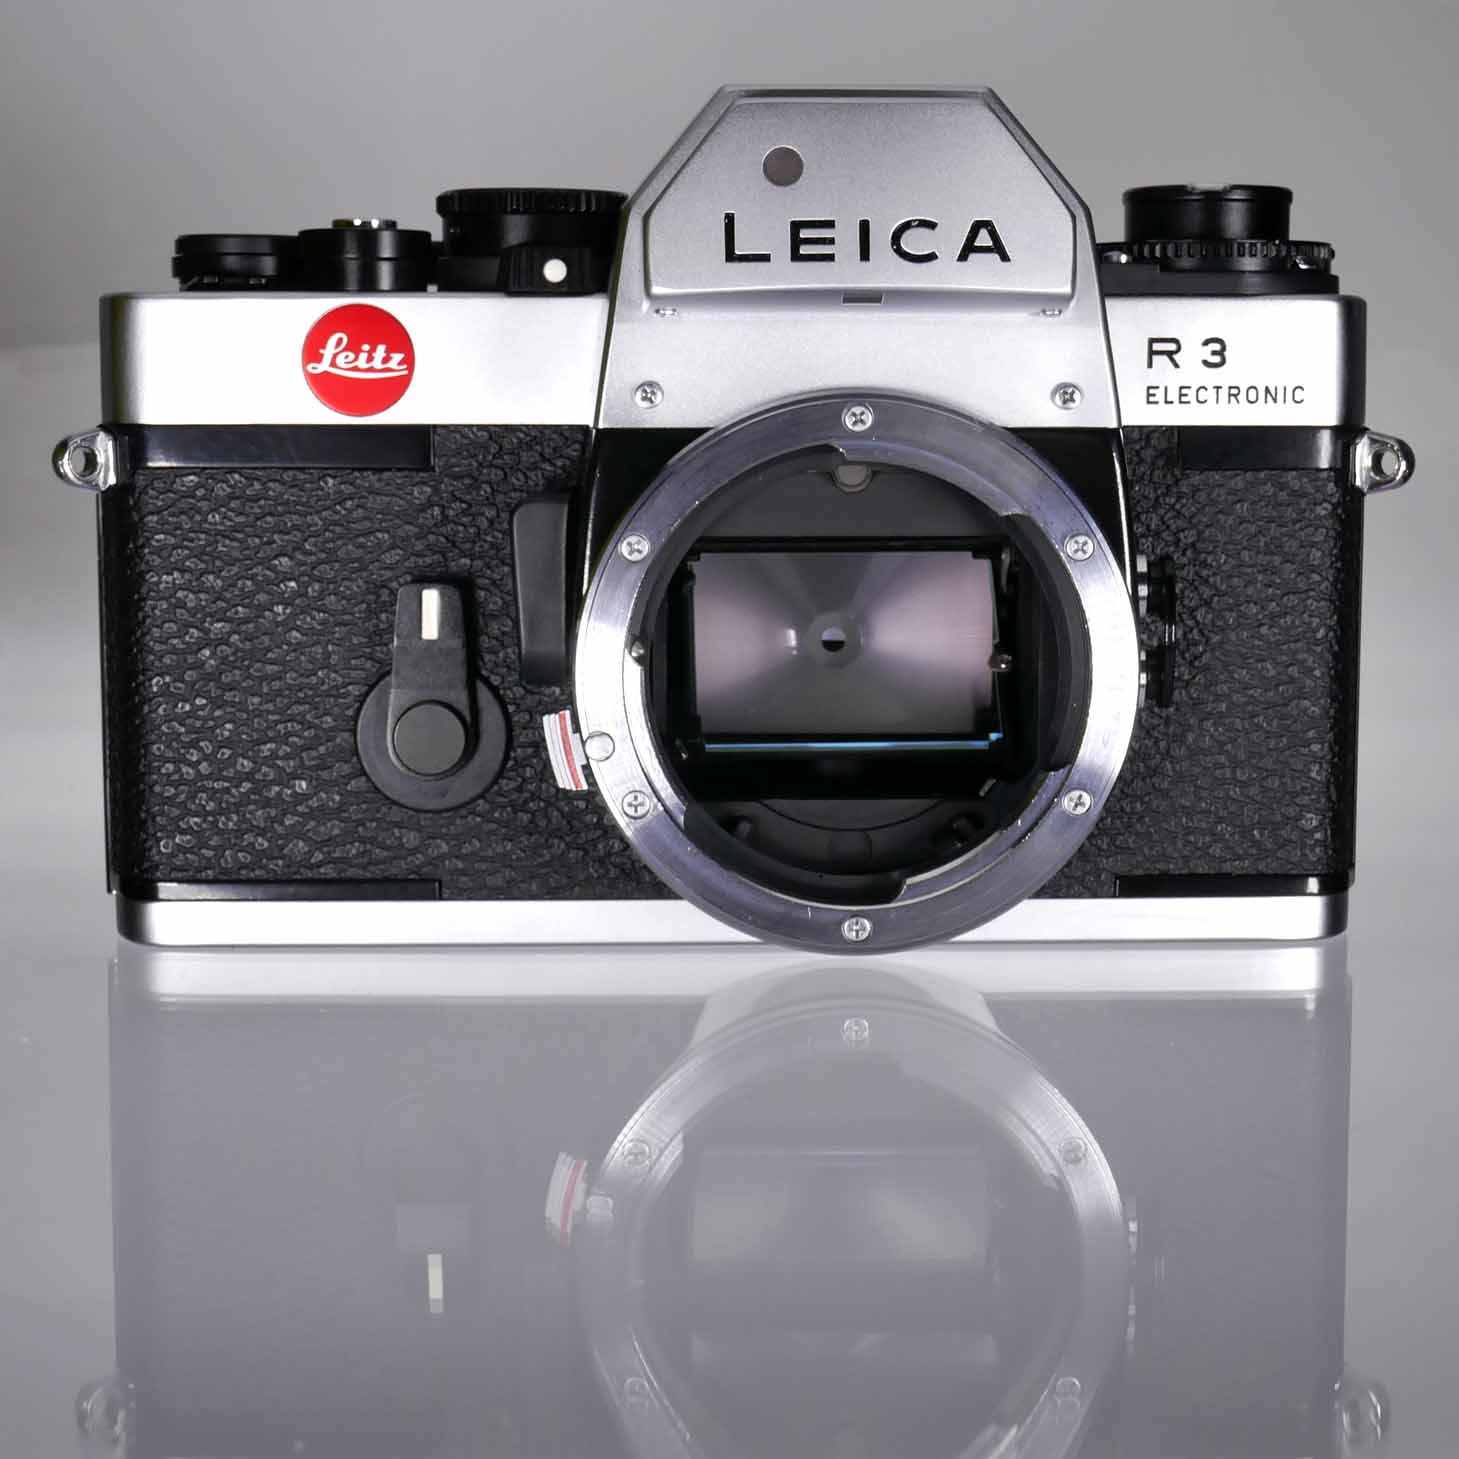 clean-cameras-Leica-R3-Summicron-50mm-04